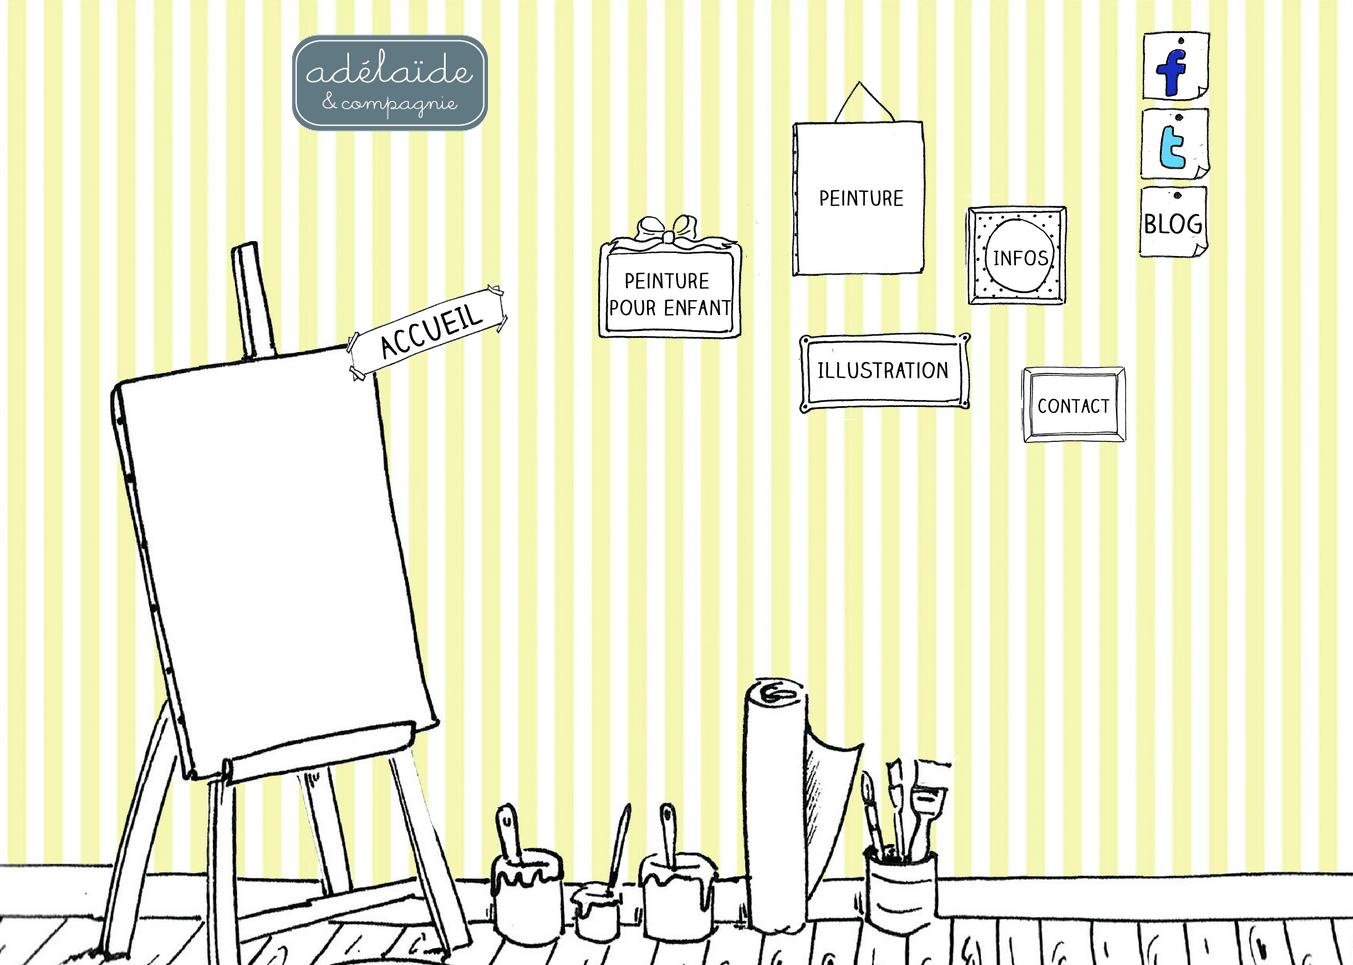 site d'adélïde & compgnie